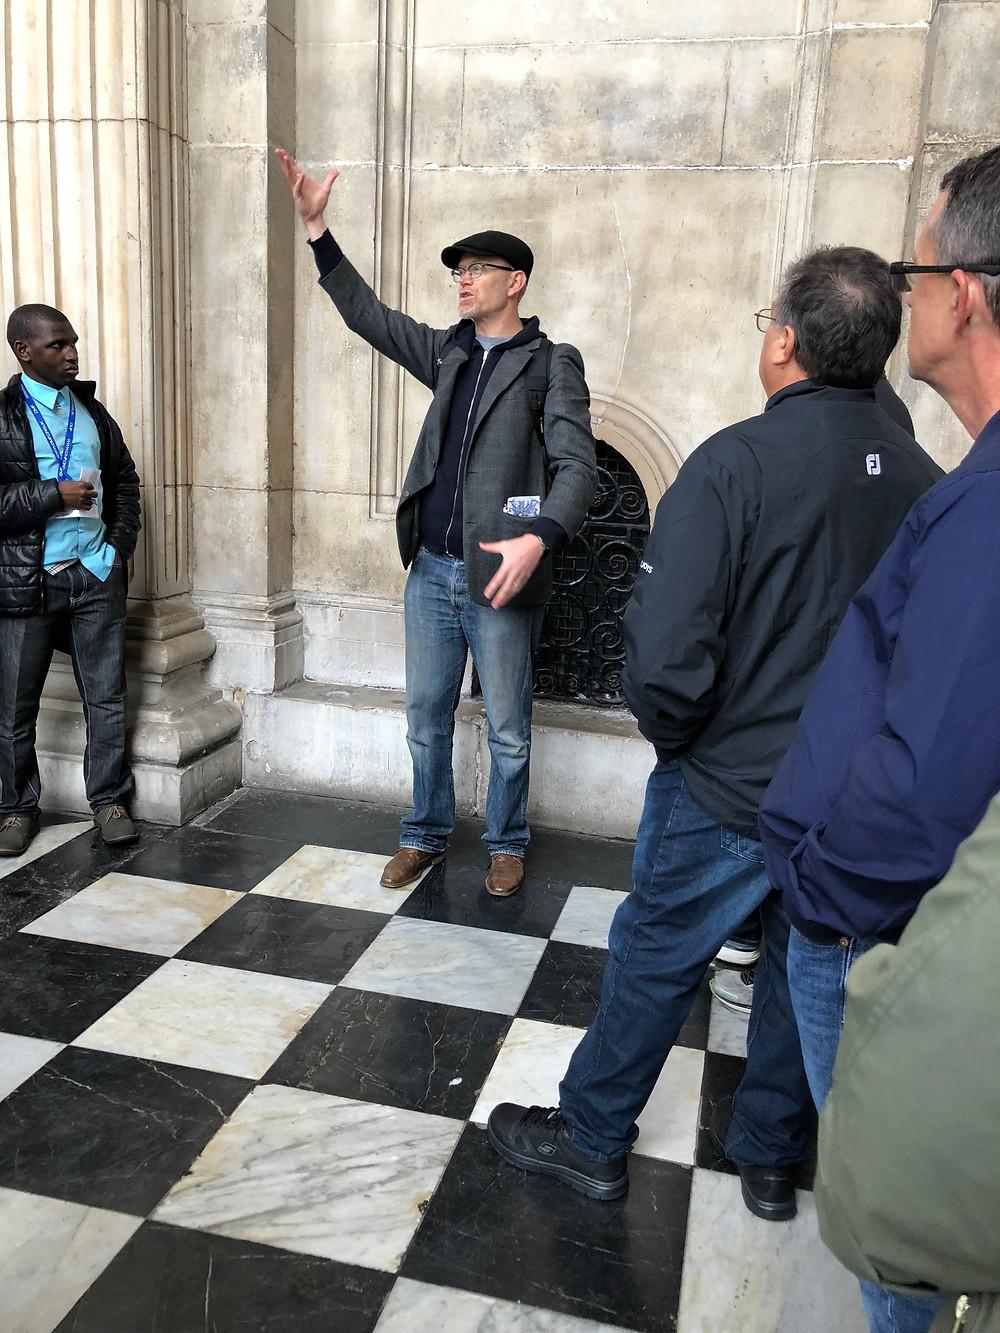 Ben Virgo beginning the Christian Heritage walking tour of London